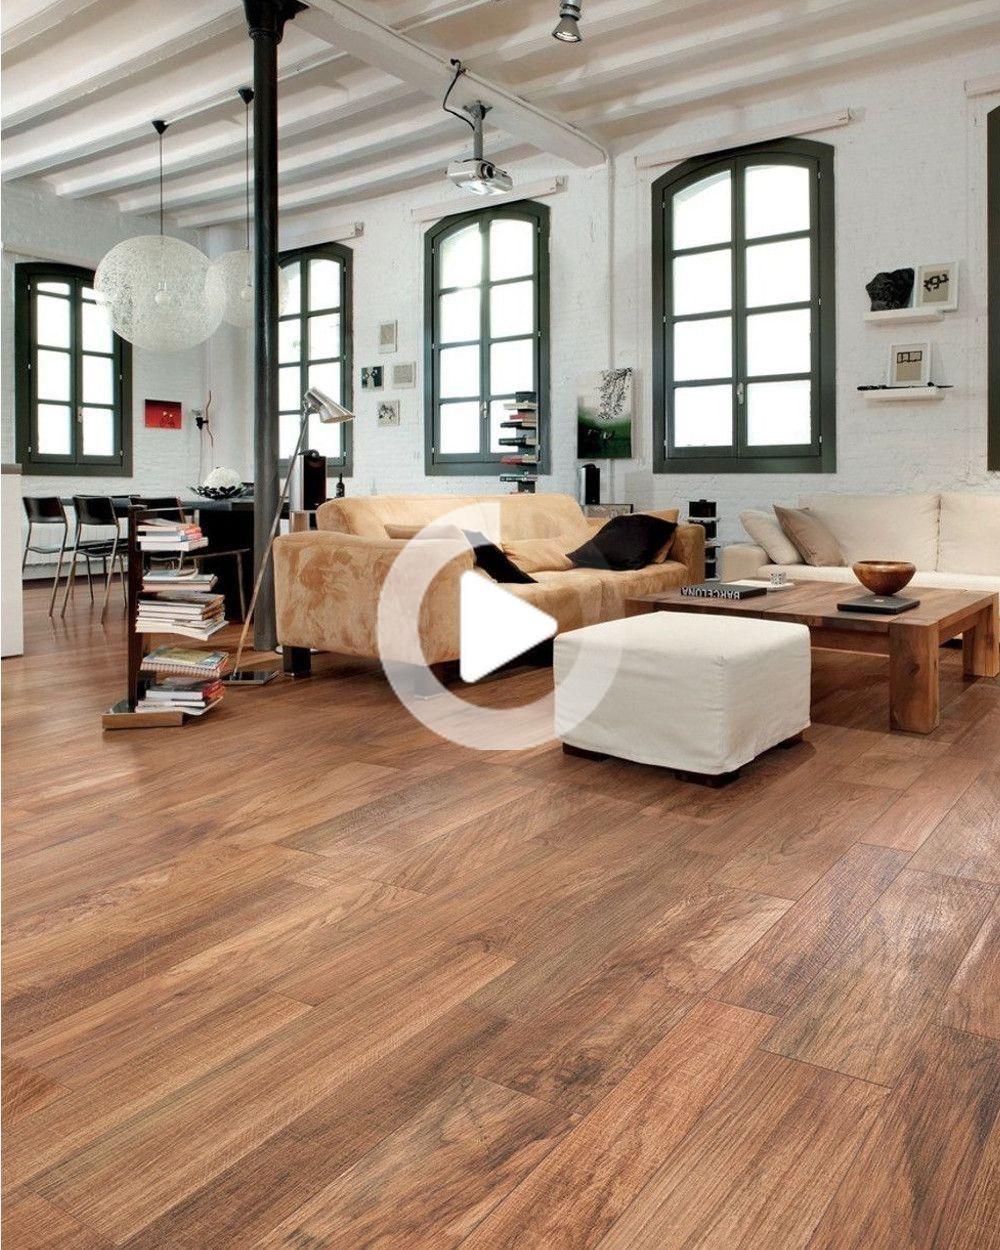 Chalet Floor Tegels Houtlook In 2020 Bodenfliesen Holzoptik Fliesen Holzoptik Holzoptik